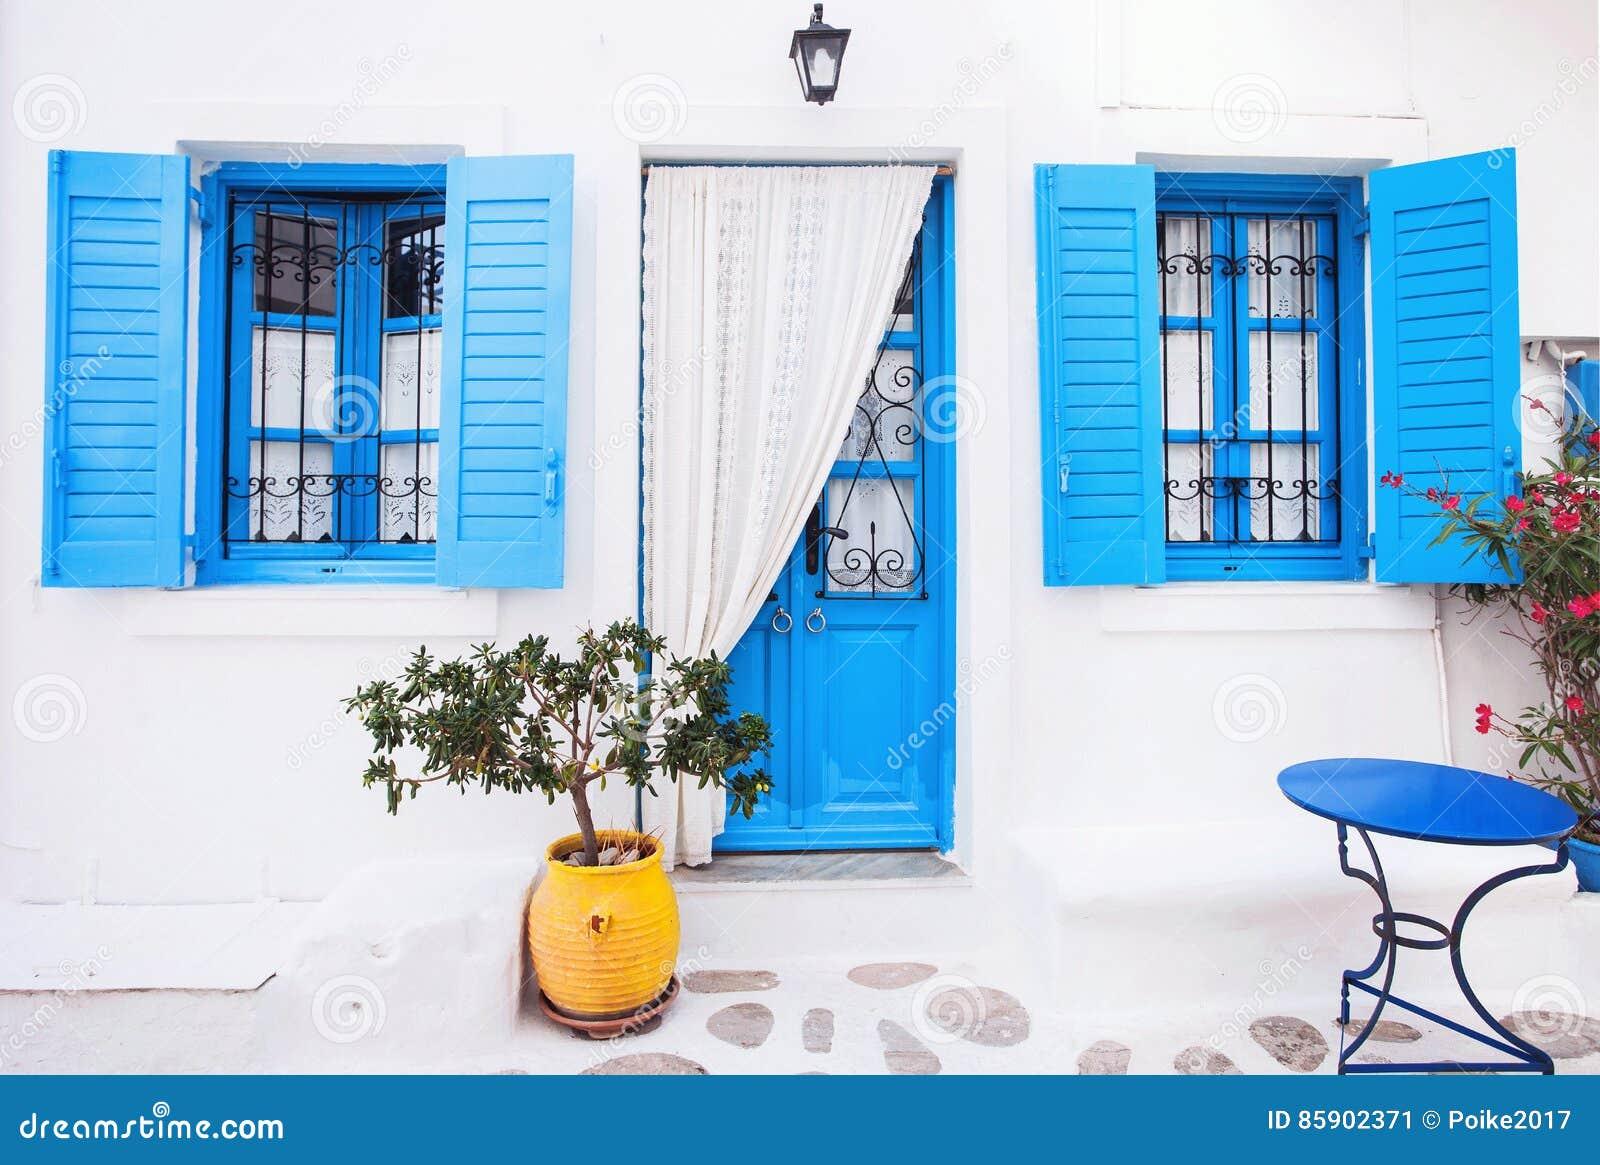 Fachada grega tradicional da casa gr cia imagem de stock for Fachada tradicional